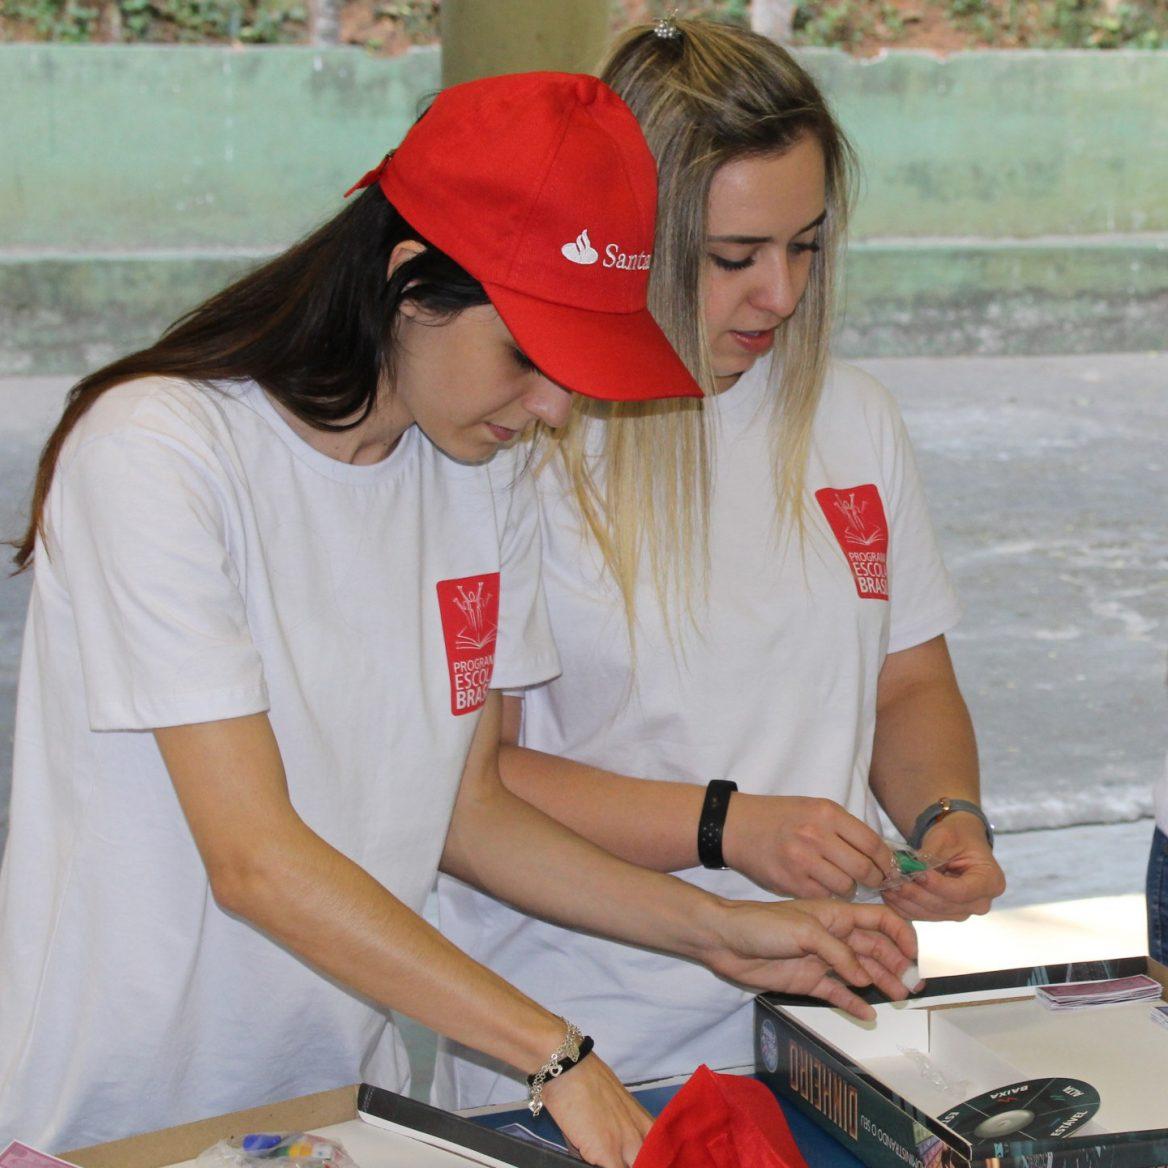 Duas instrutoras do programa Santander de educação financeira organizando materiais em cima da mesa. Na esquerda, a moça tem cabelo preto comprido. A mulher da direita é loira e tem os cabelos no ombro. Ambas vestem camiseta branca e boné vermelho com o logotipo do banco Santander.